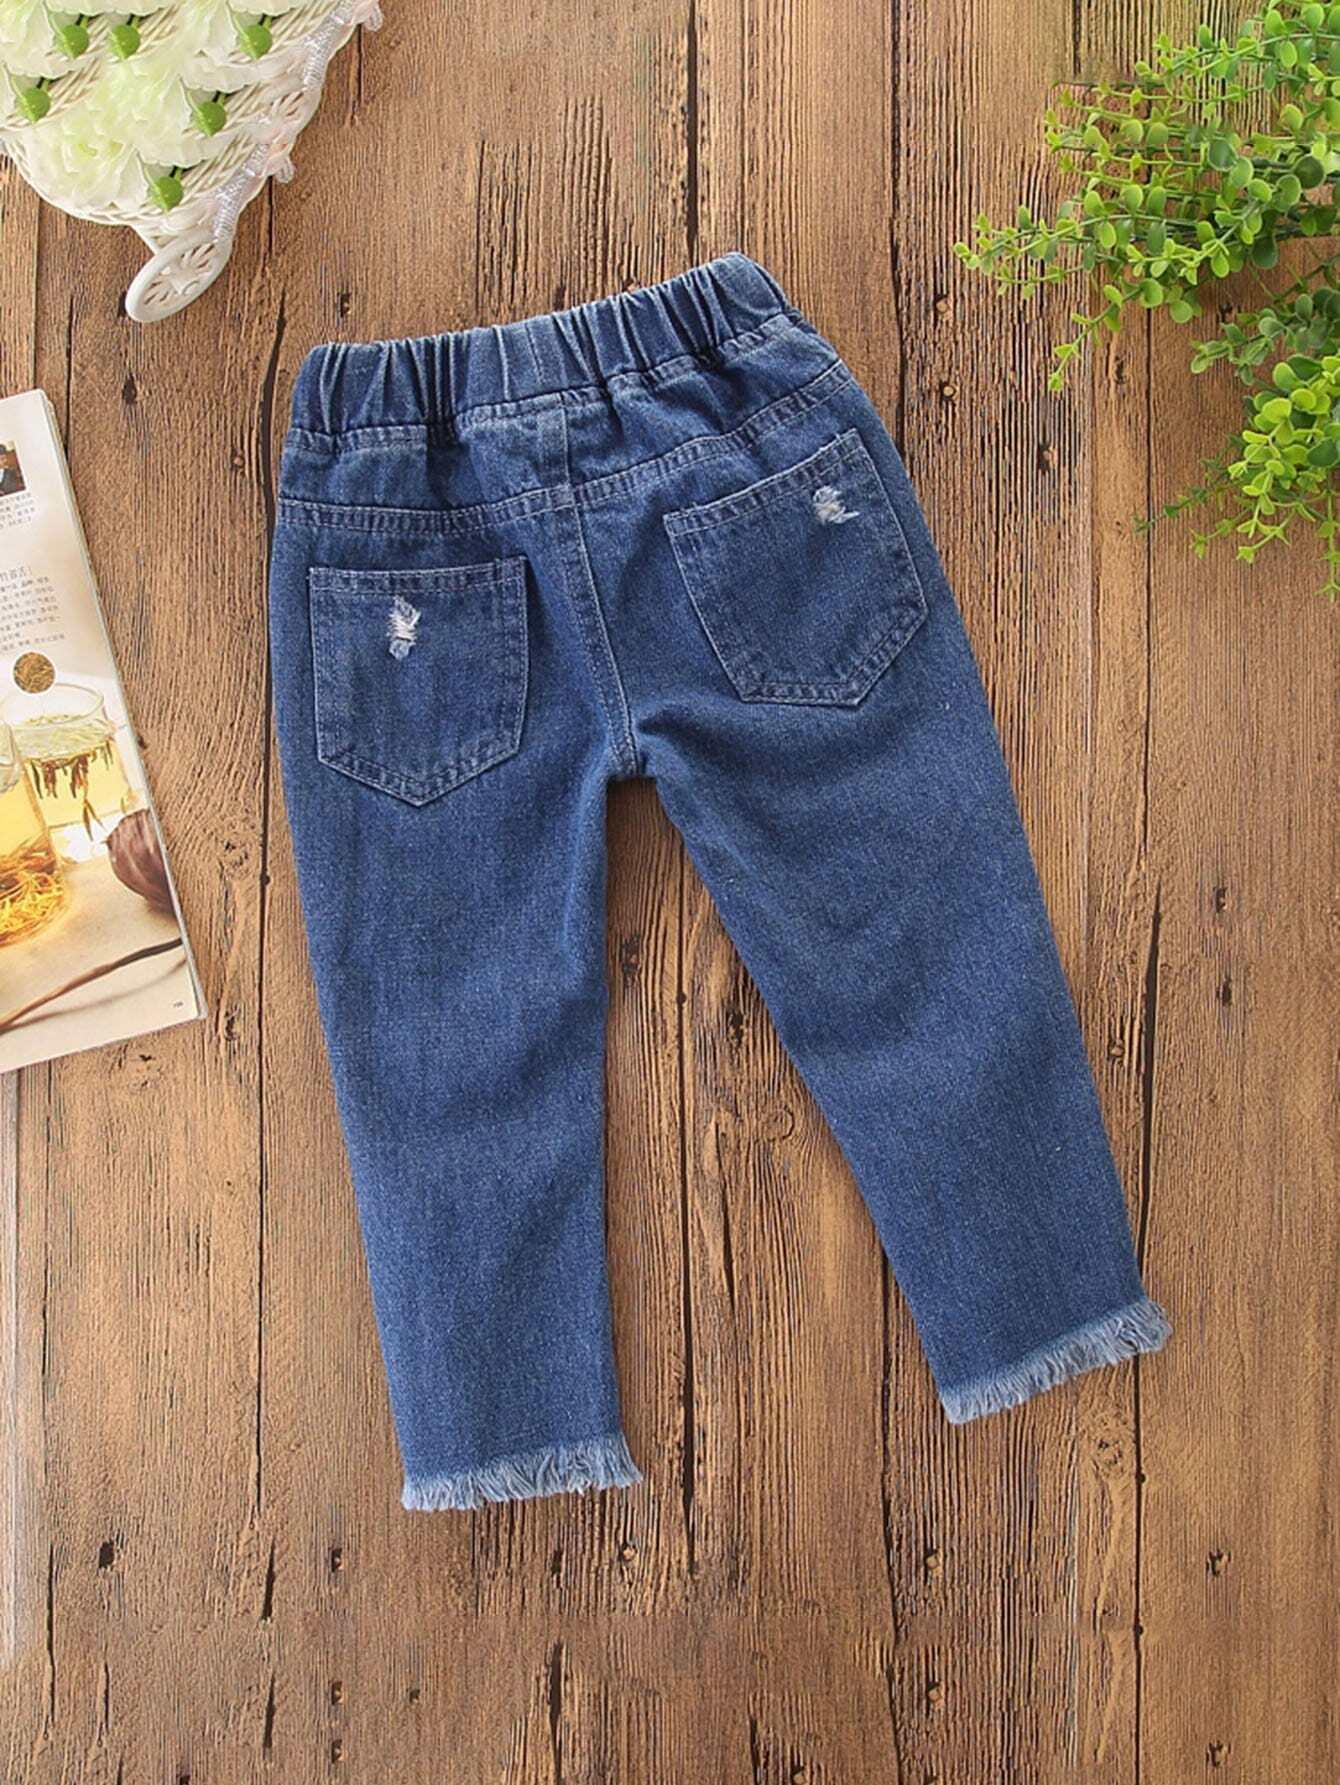 m dchen zerrissene jeans mit schn ren vorn german shein sheinside. Black Bedroom Furniture Sets. Home Design Ideas